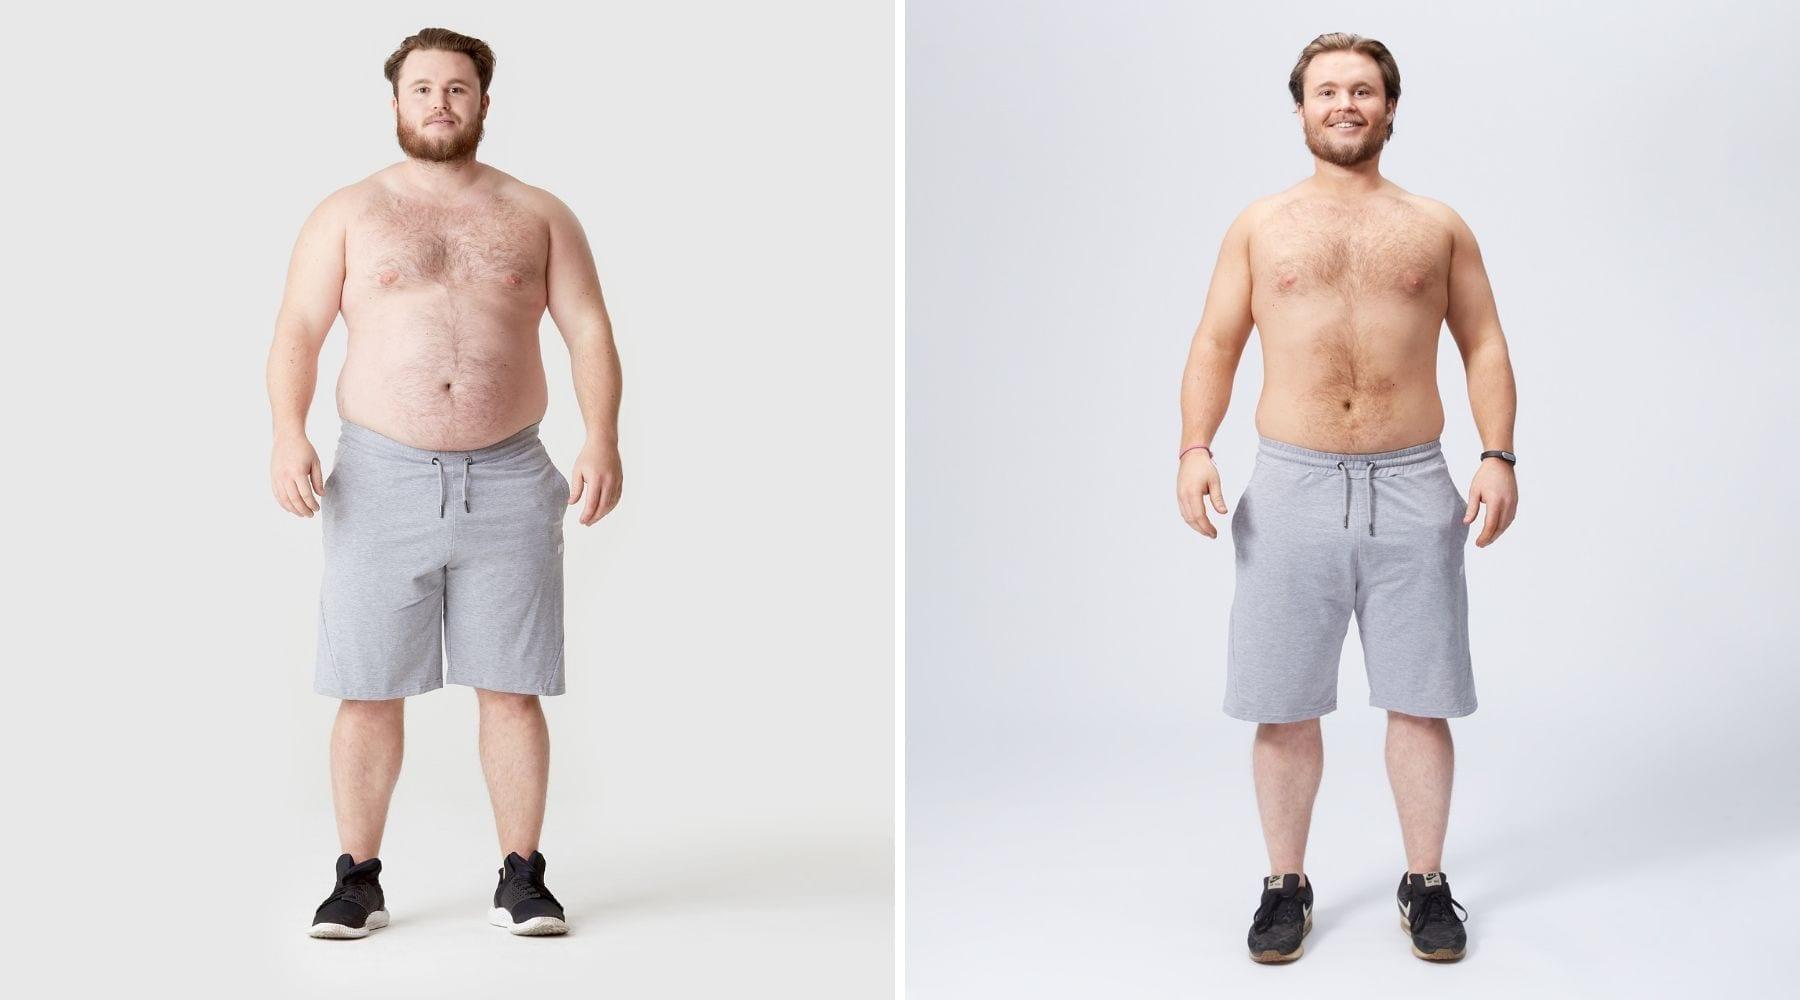 pierdere în greutate sau inci elemente arzător de grăsime